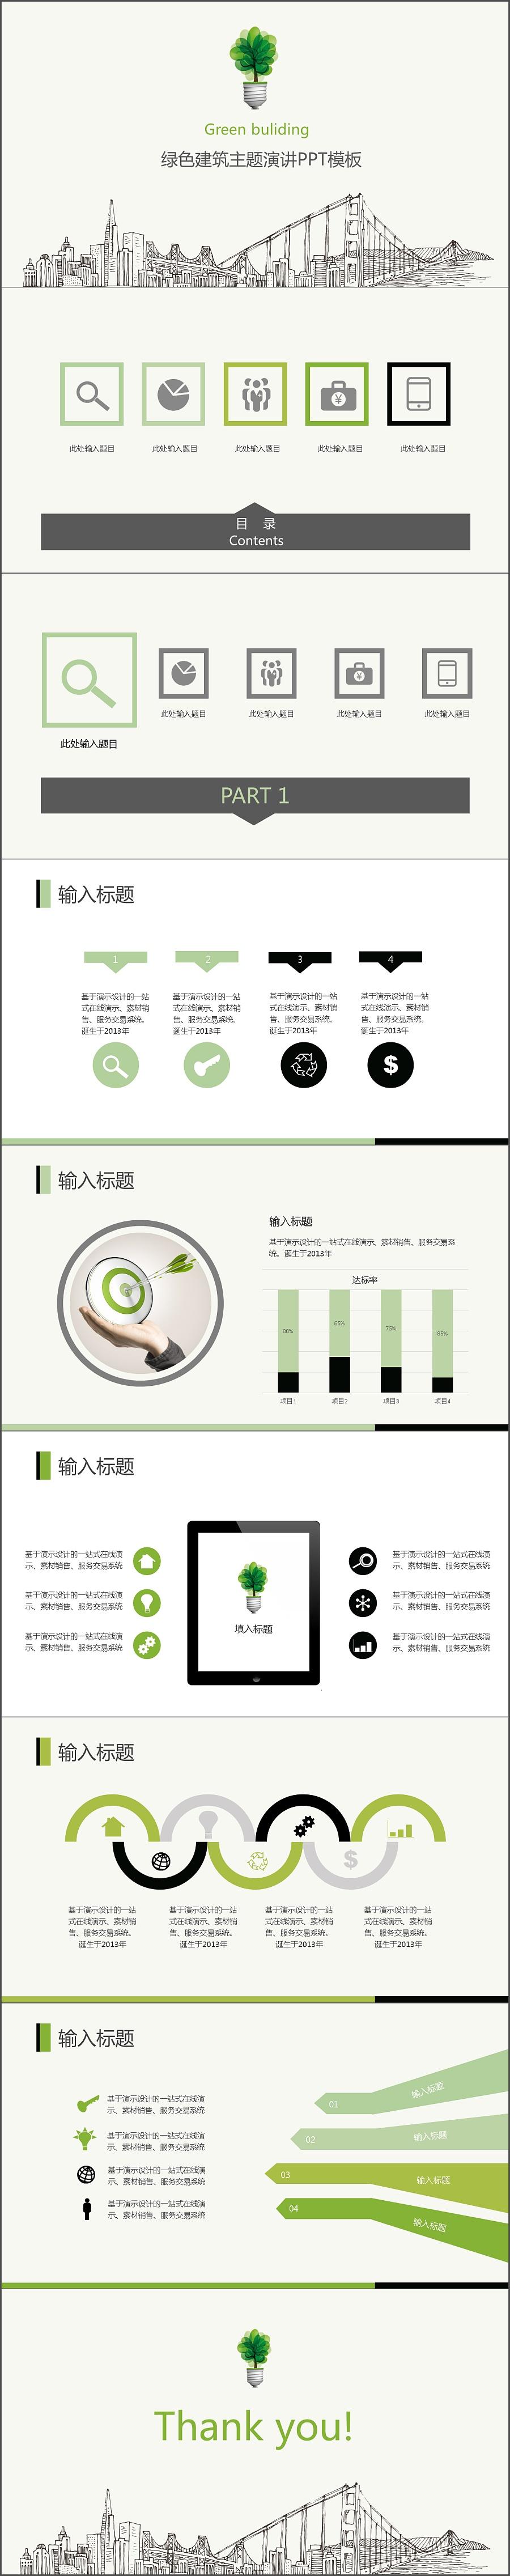 绿色环保类主题演讲ppt模板 ppt/演示 平面 ytzzcc